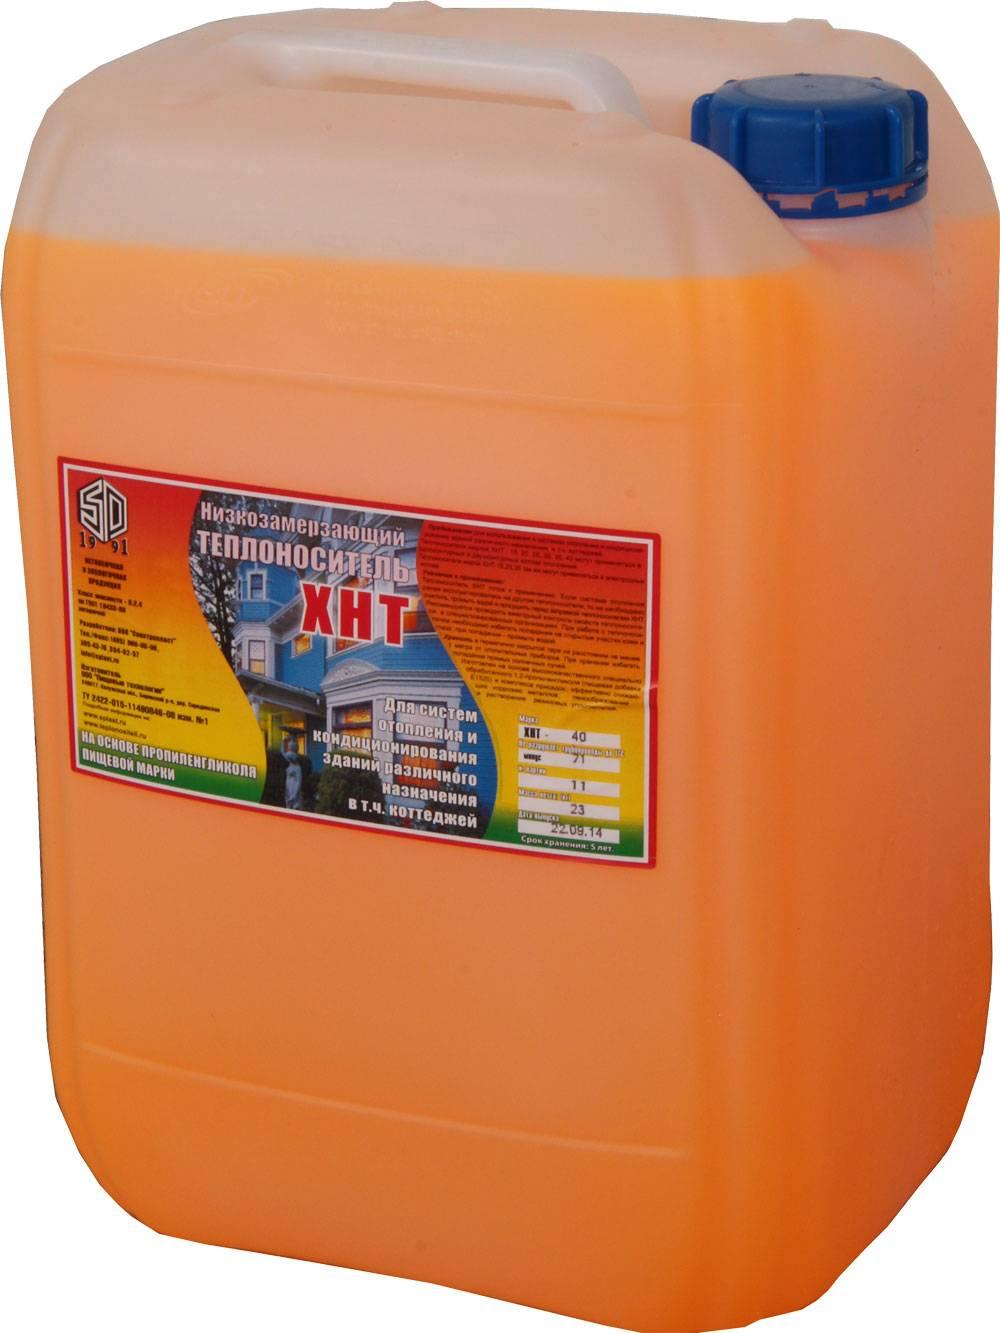 Частный мастер по отоплению и водоснабжению: антифриз для отопления можно сделать самостоятельно